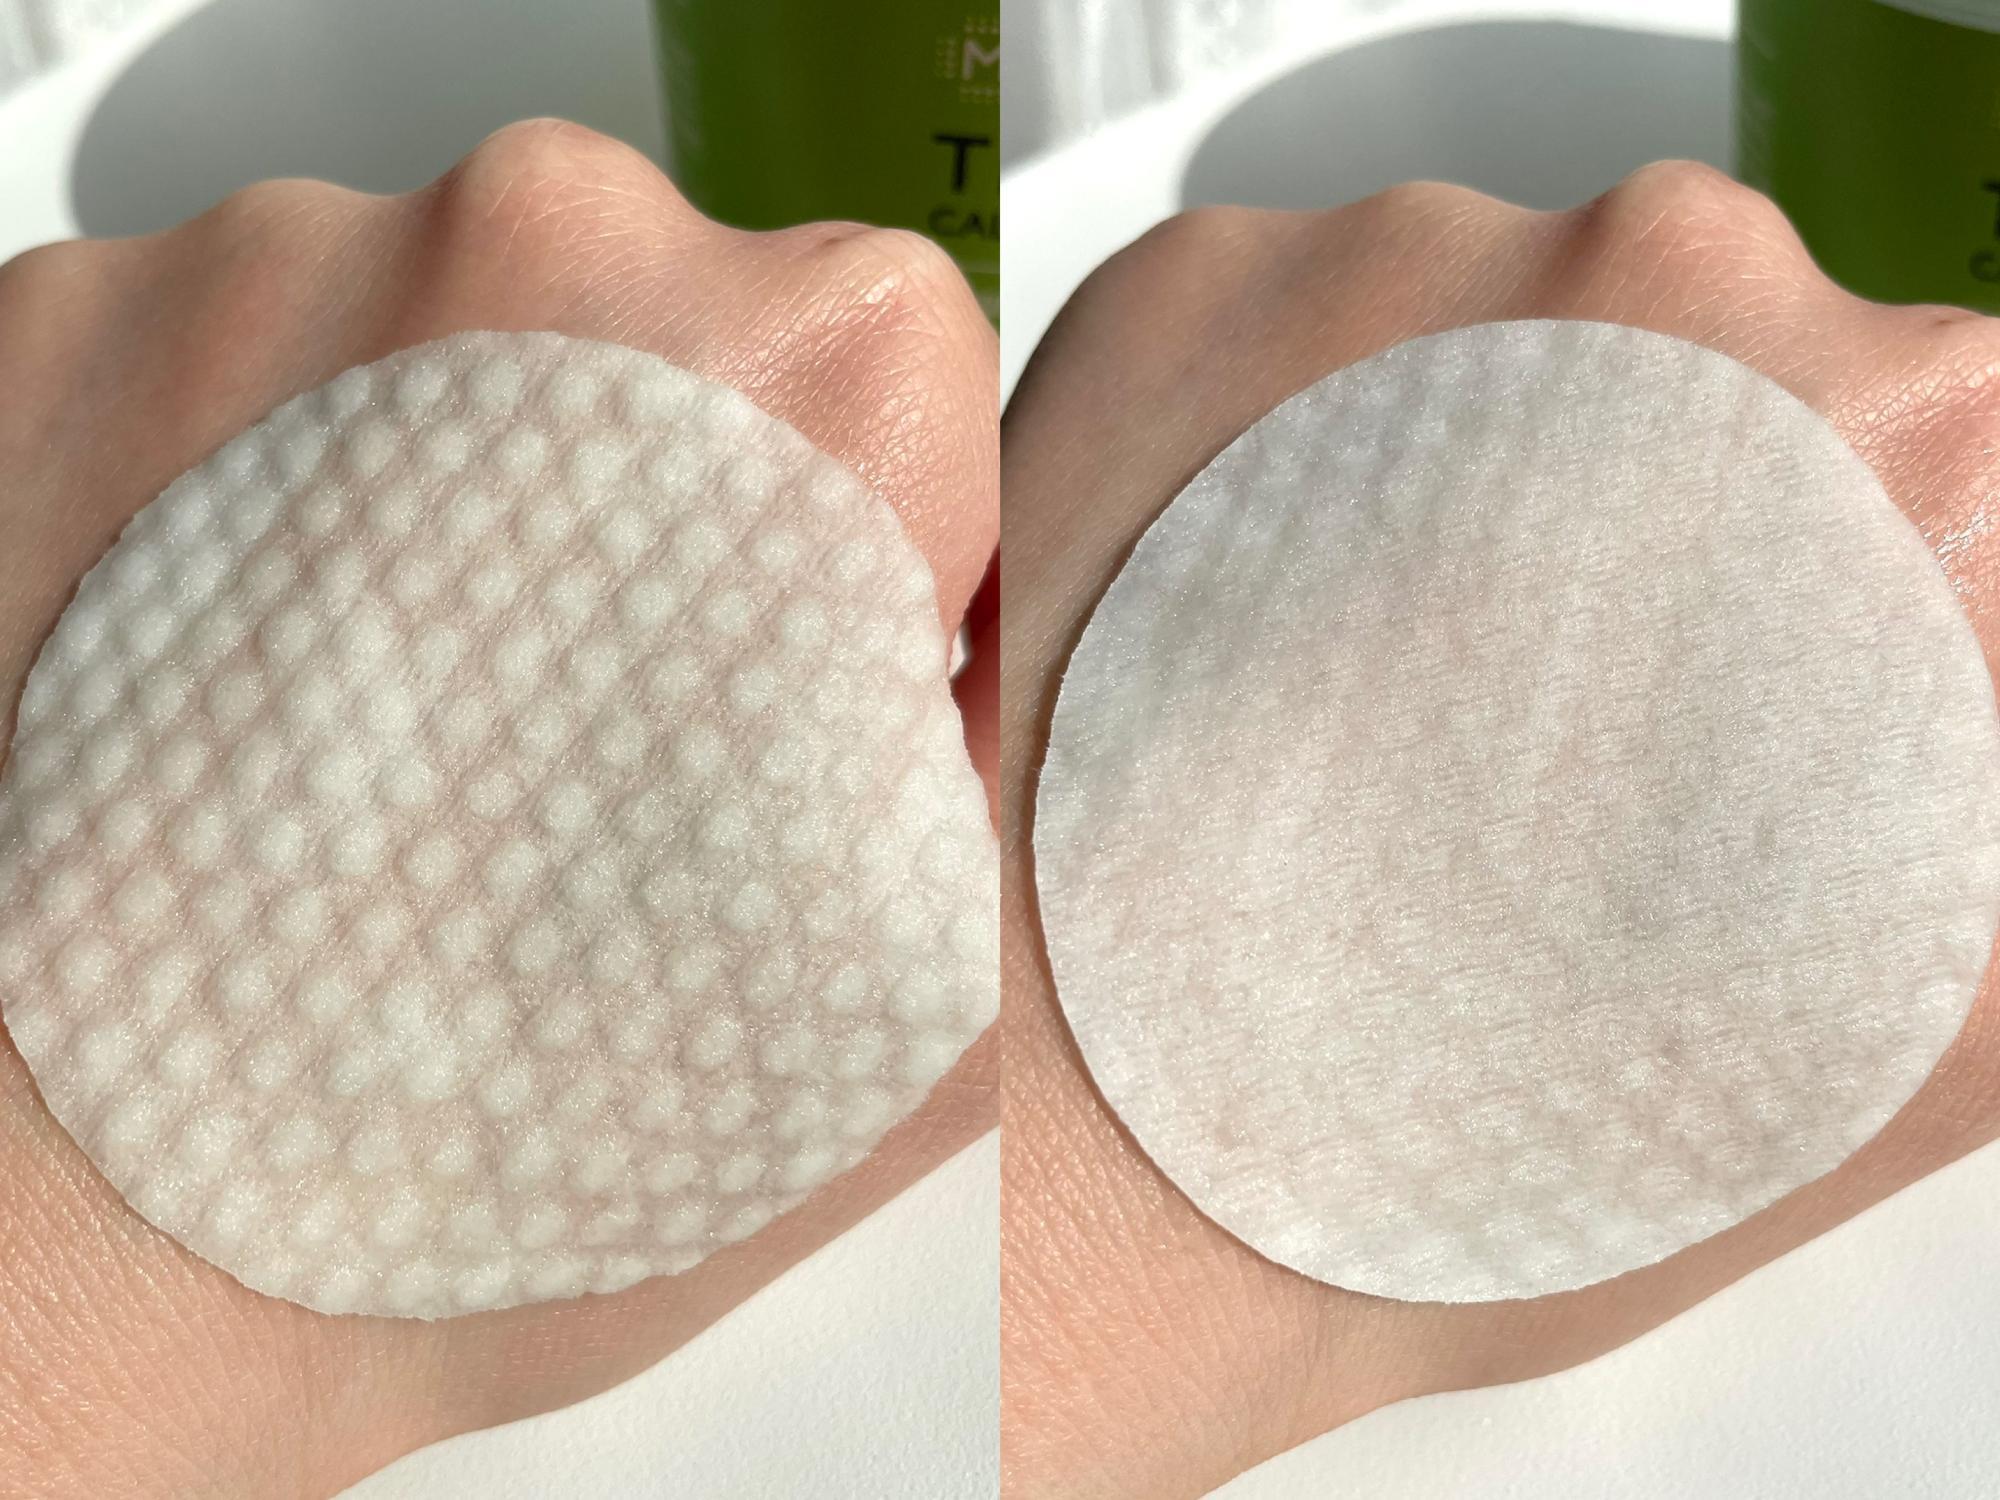 凹凸のある面が拭き取り用です!